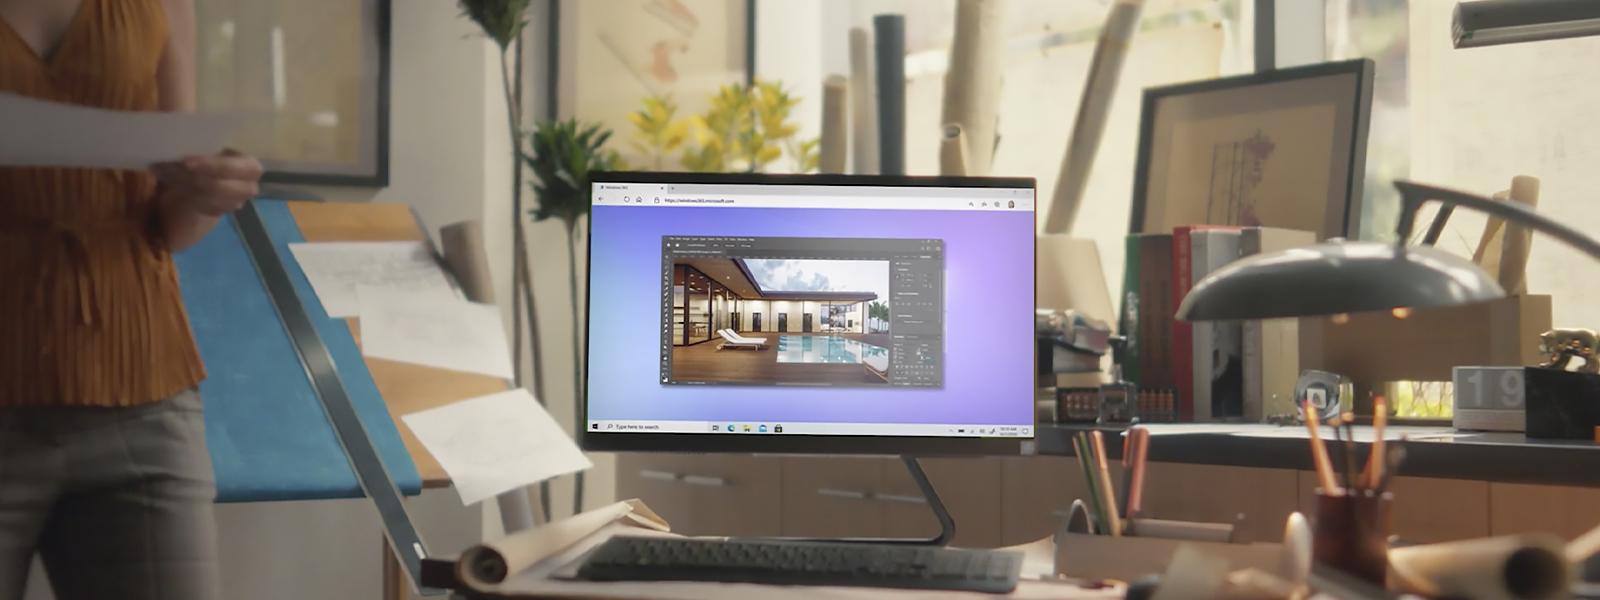 La pantalla de una PC mostrando Windows 365 en funcionamiento.